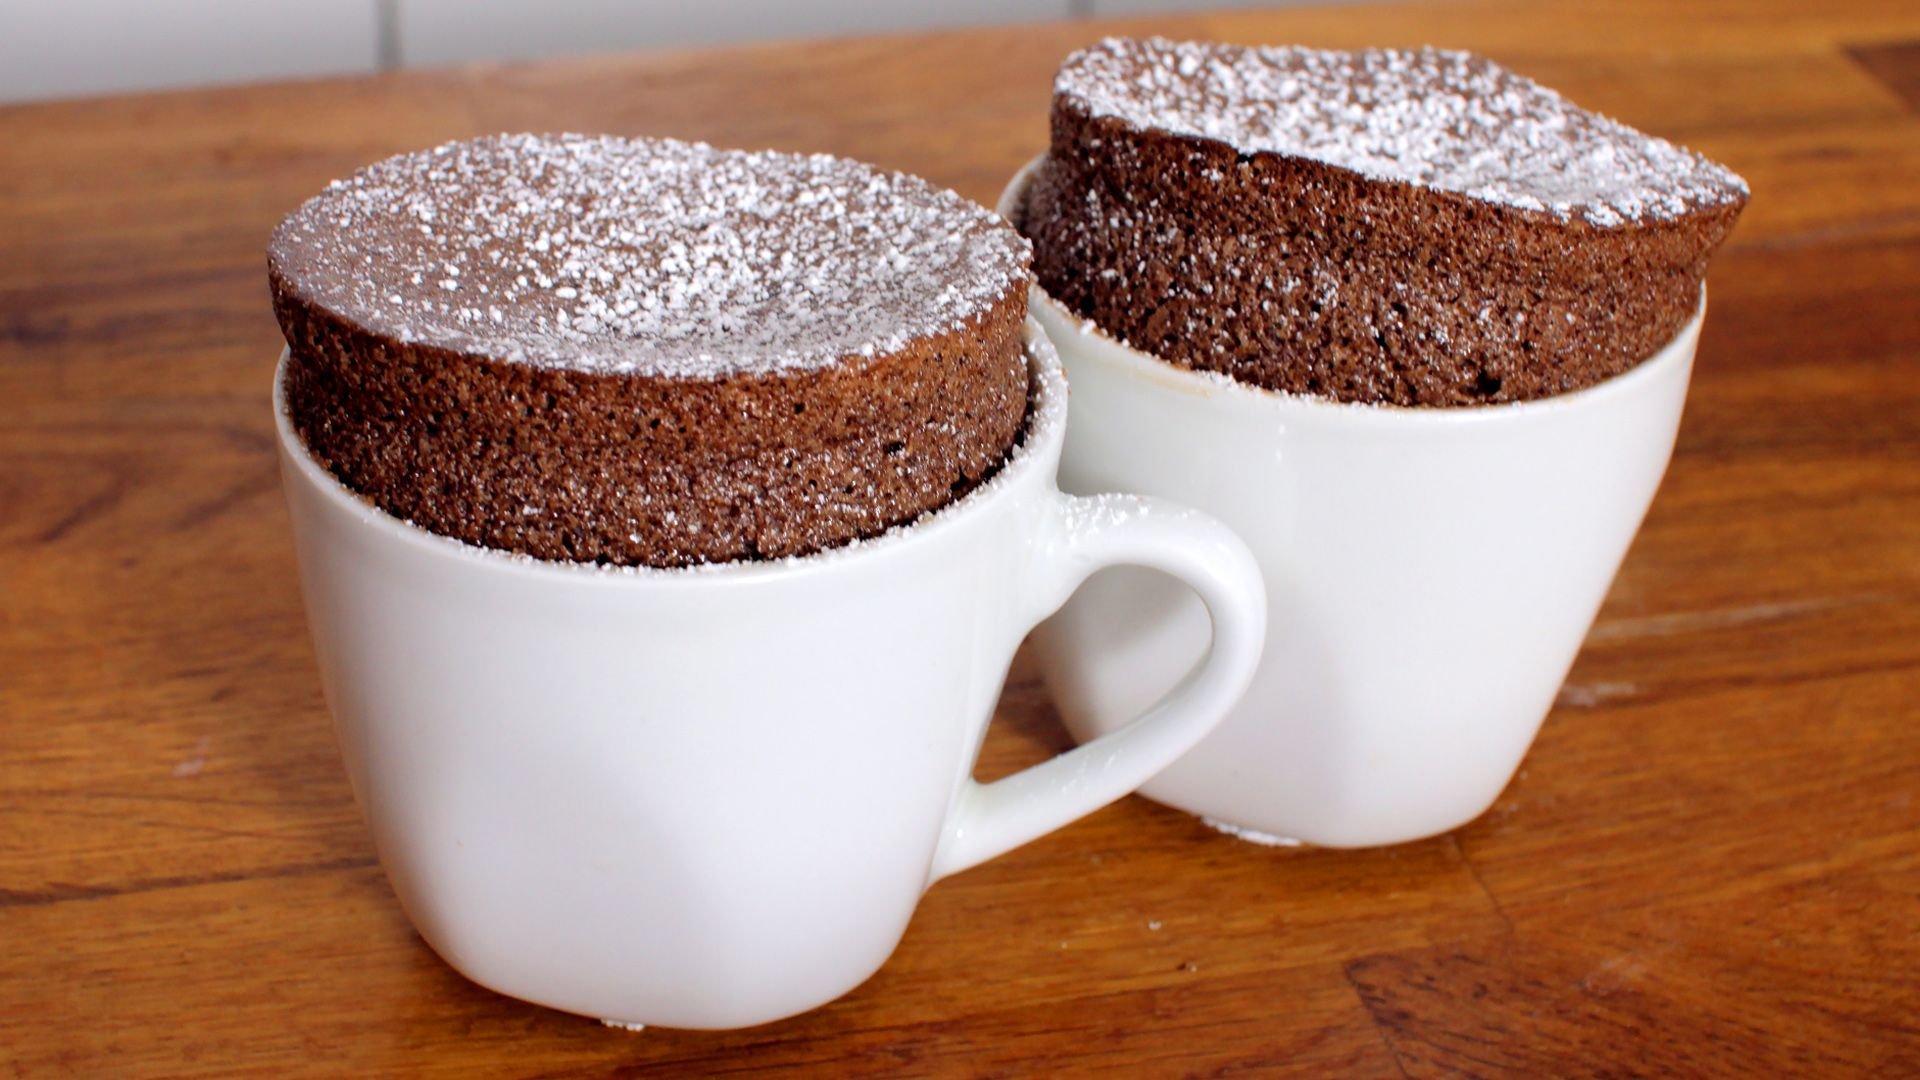 schokoladen souffl rezept als back video zum selber machen ganz einfach schritt f r schritt. Black Bedroom Furniture Sets. Home Design Ideas